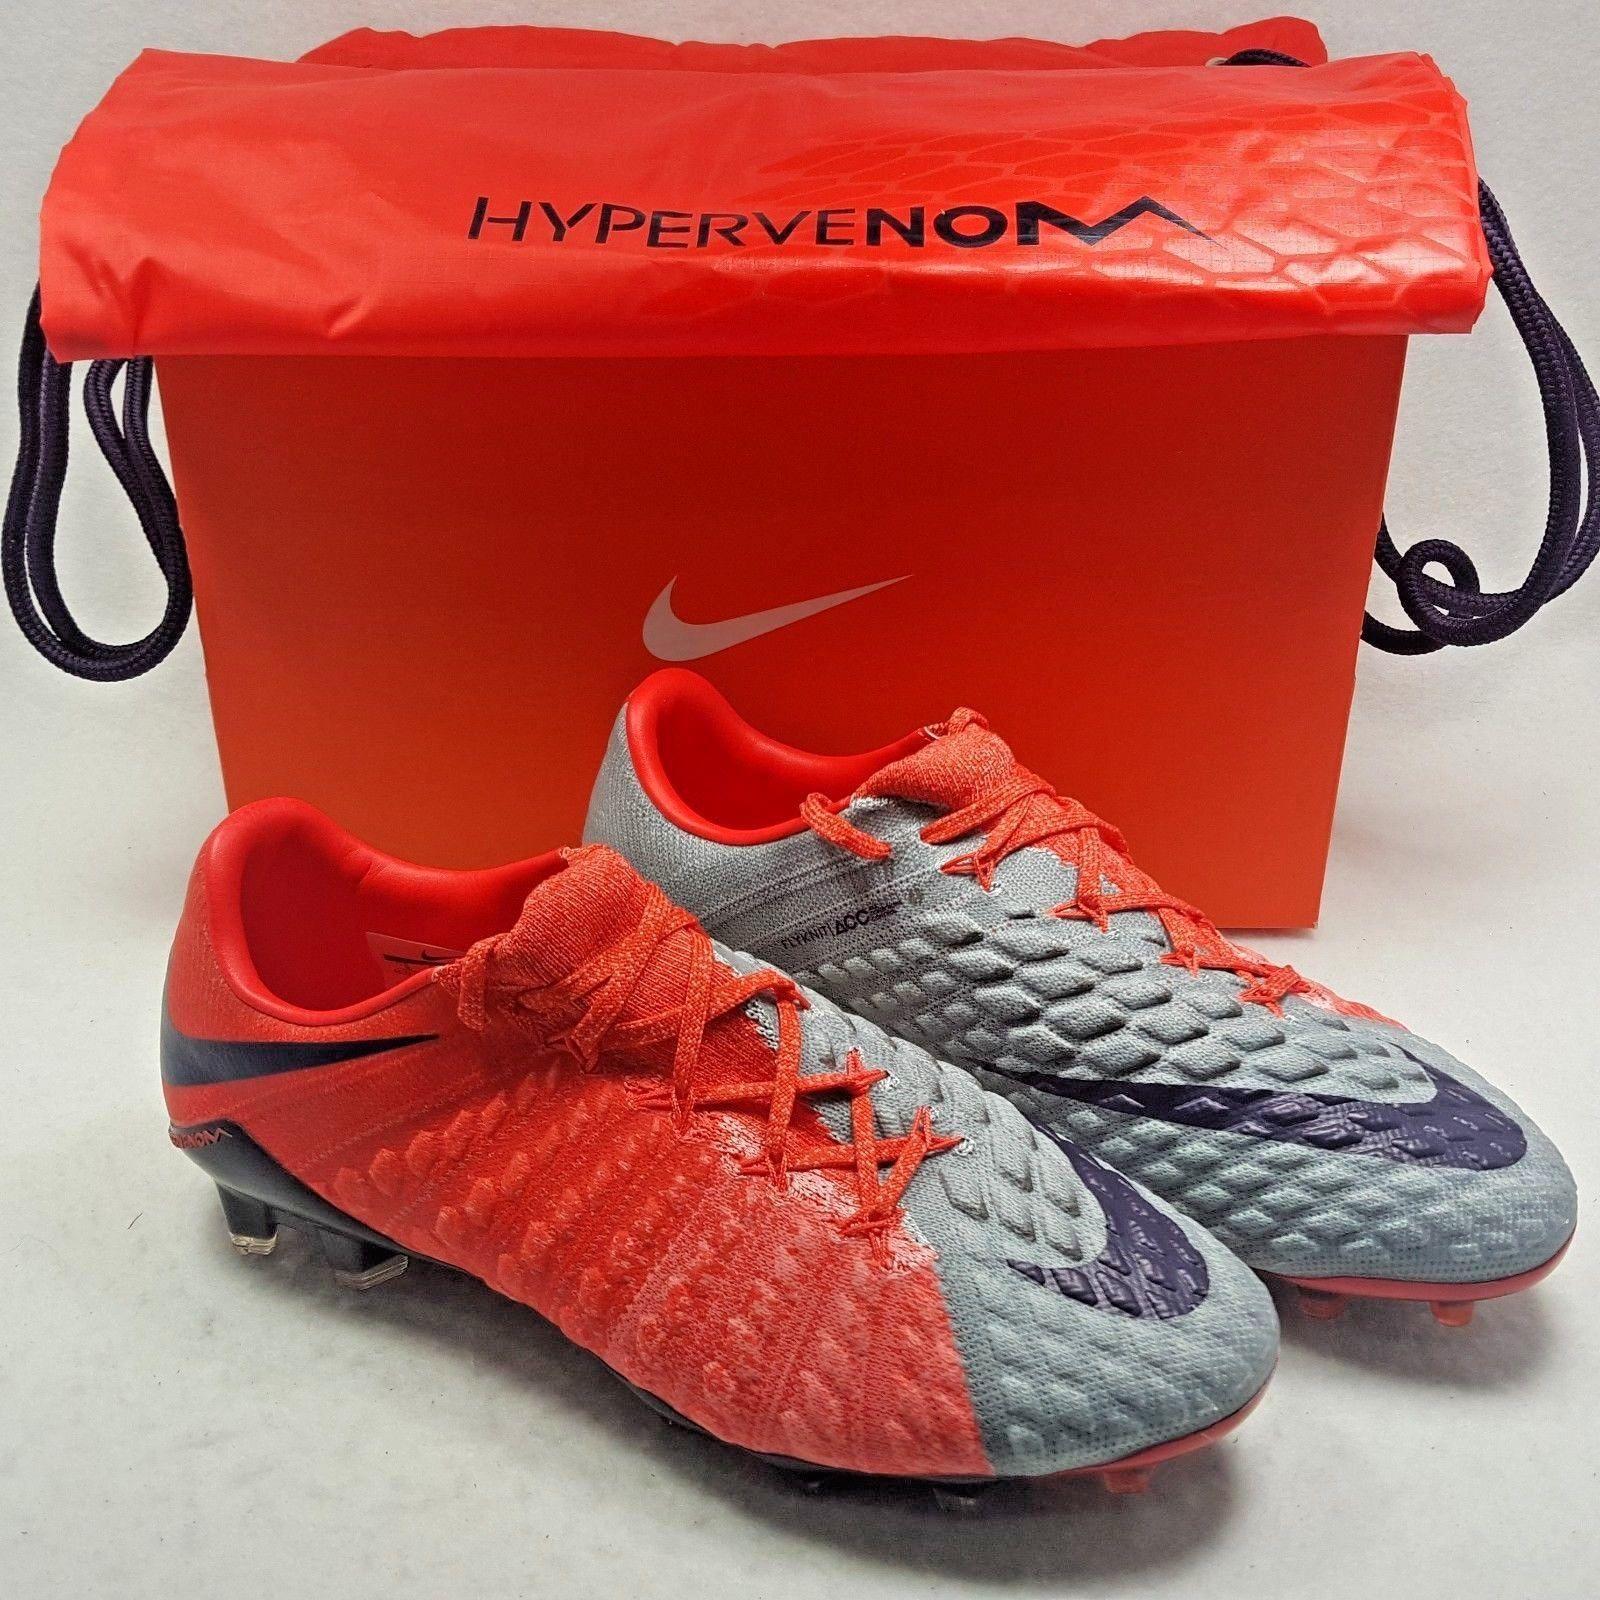 d936d70410fe Nike Hypervenom Phantom III FG Flyknit Soccer Cleats Women Size 8 grey red  ACC